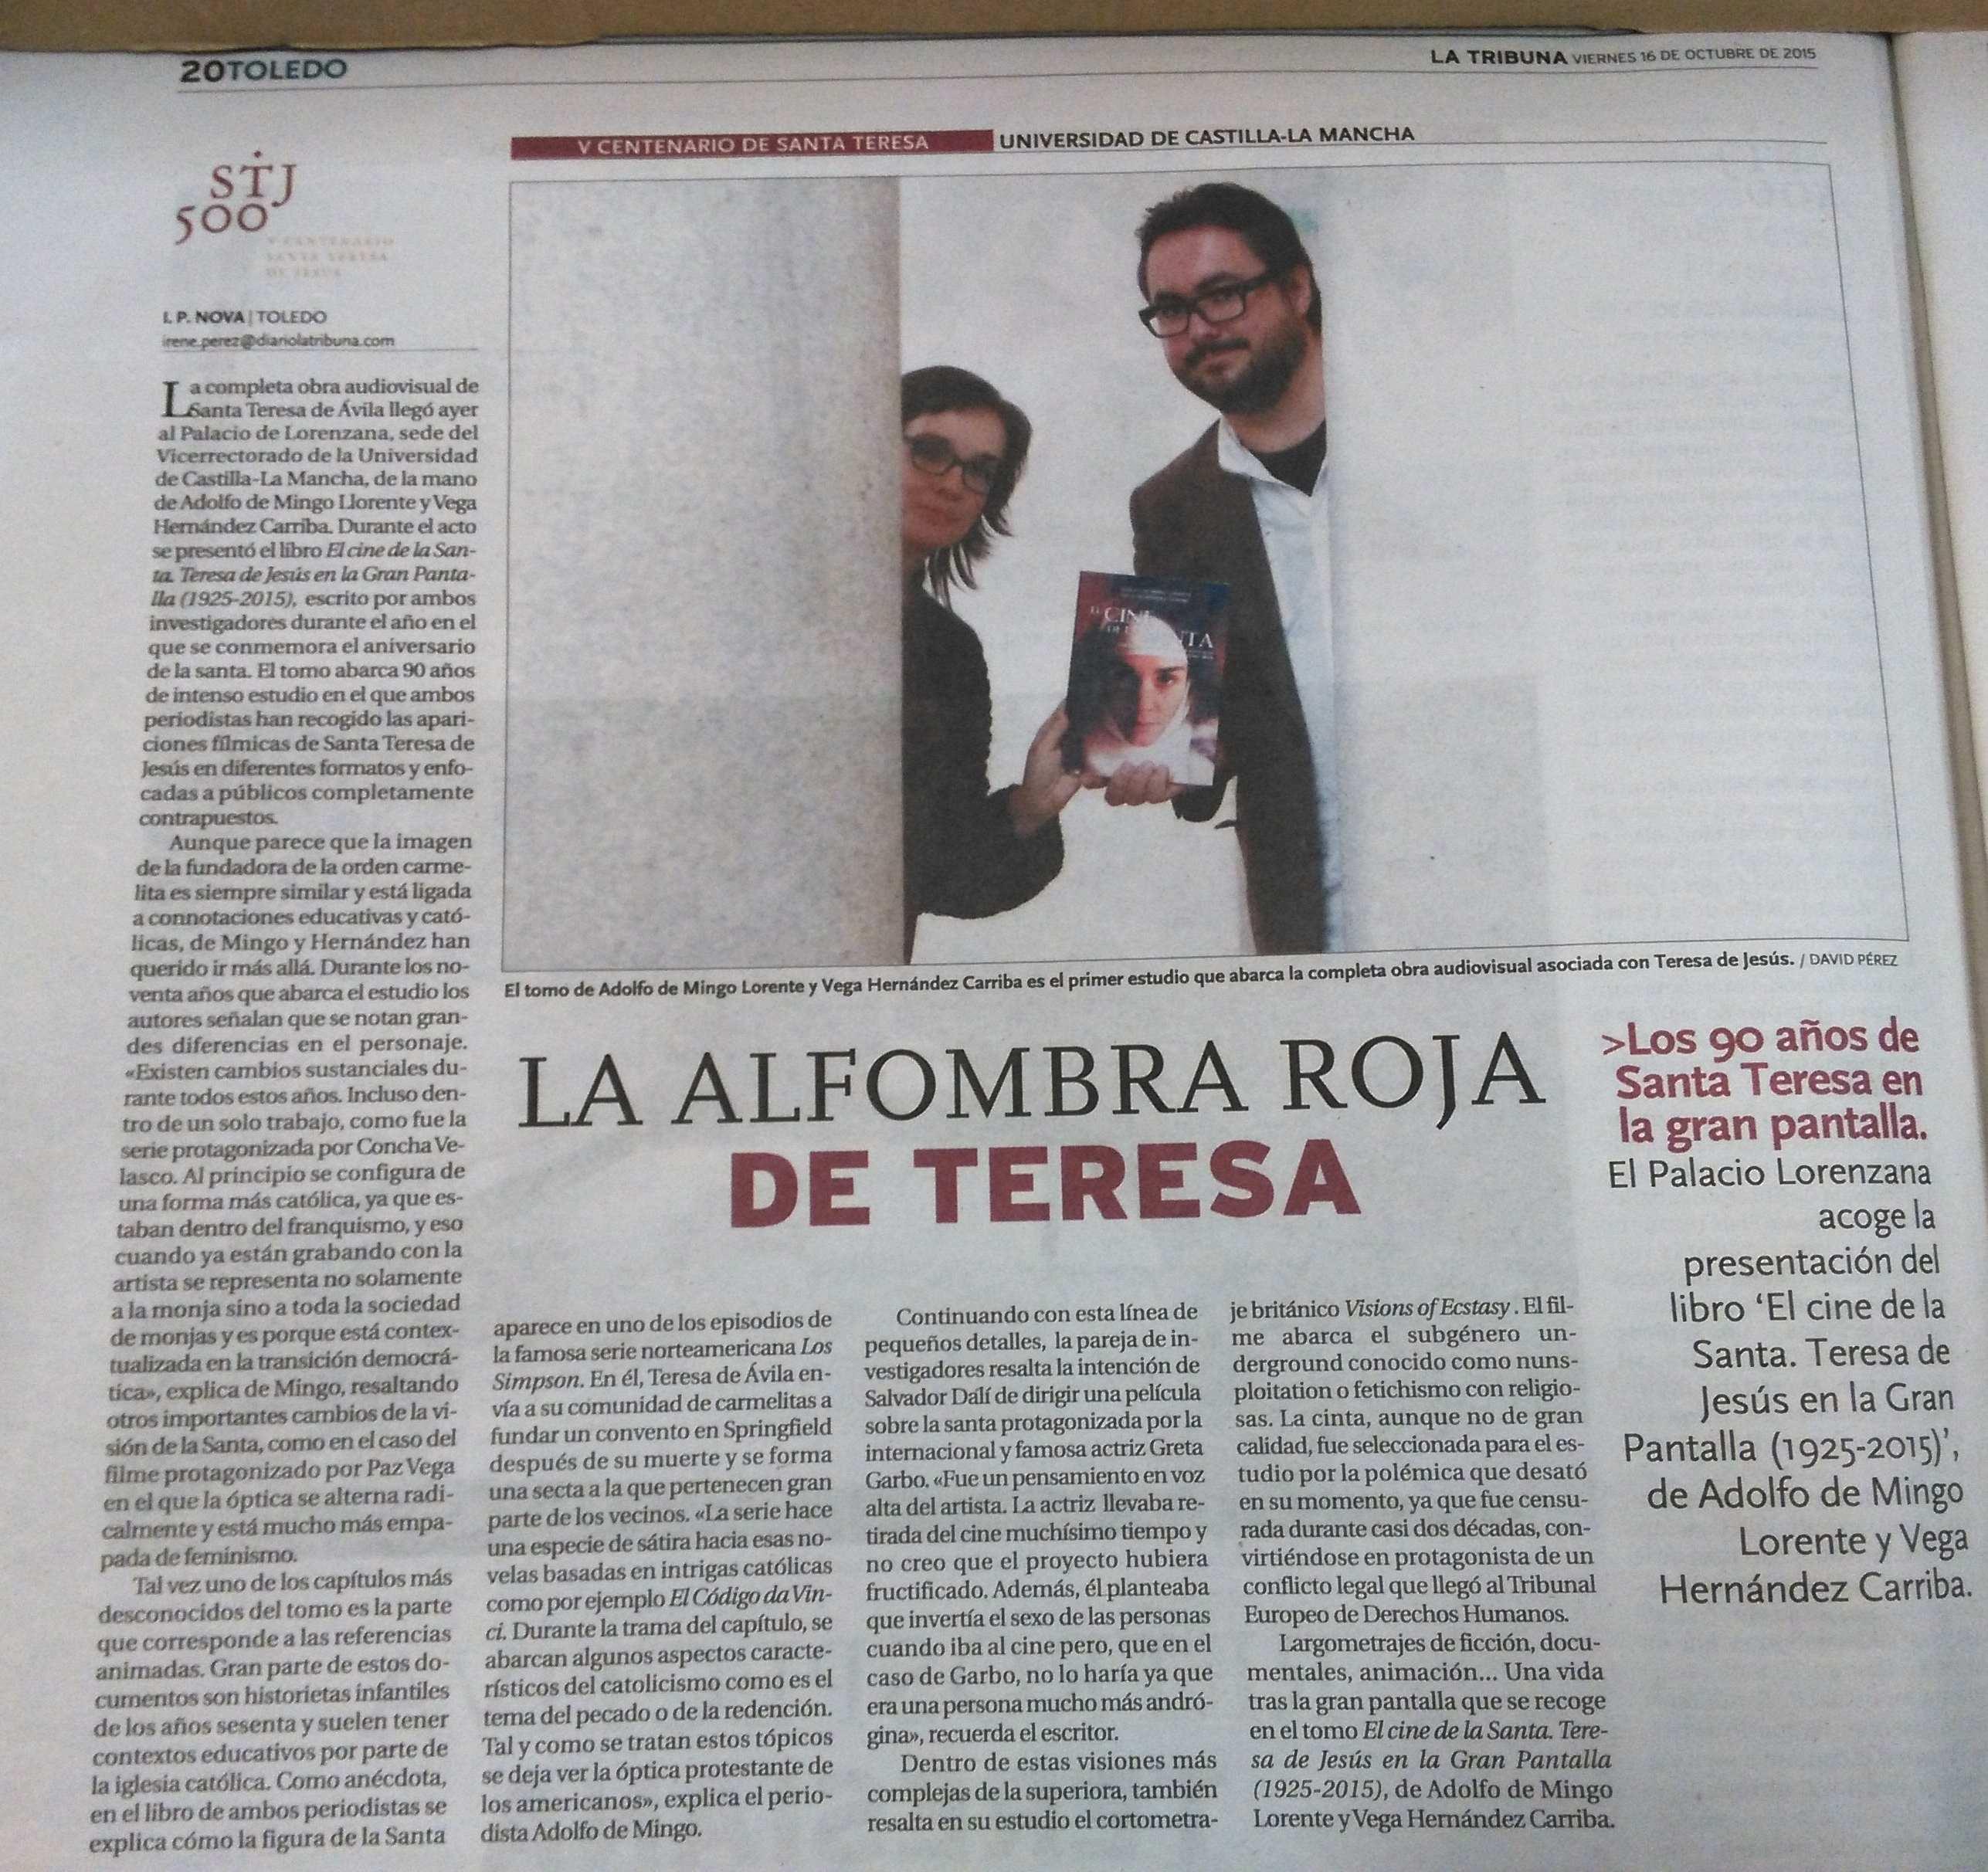 LA TRIBUNA DE TOLEDO: La alfombra roja de Teresa, por L. P. Novoa